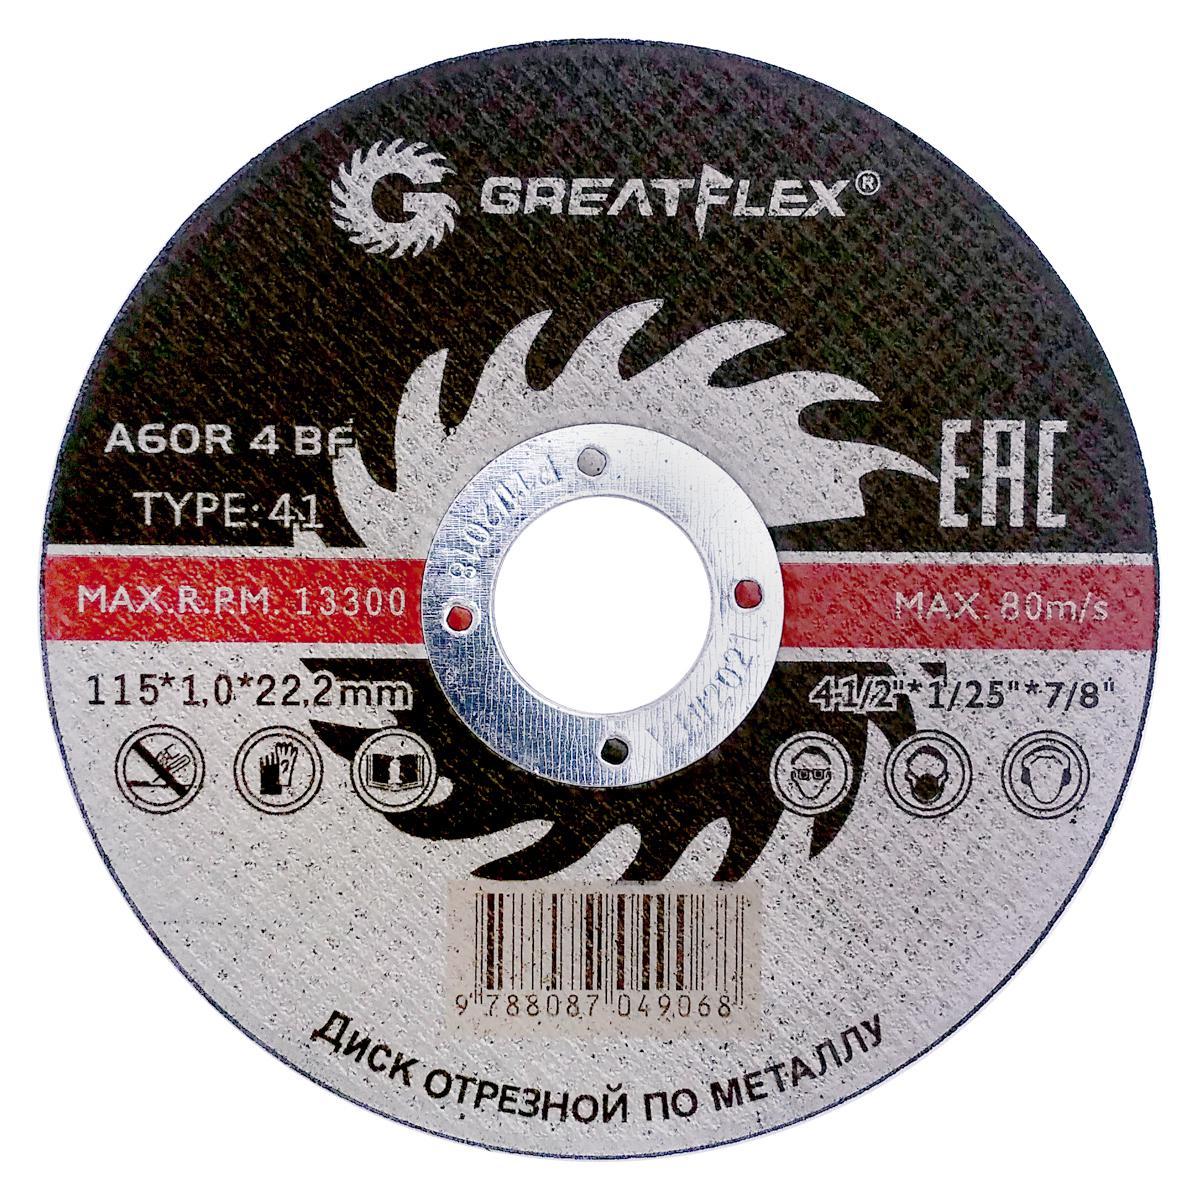 Круг отрезной Greatflex 50-41-001 круг отрезной hammer flex 115 x 1 0 x 22 по металлу и нержавеющей стали 25шт